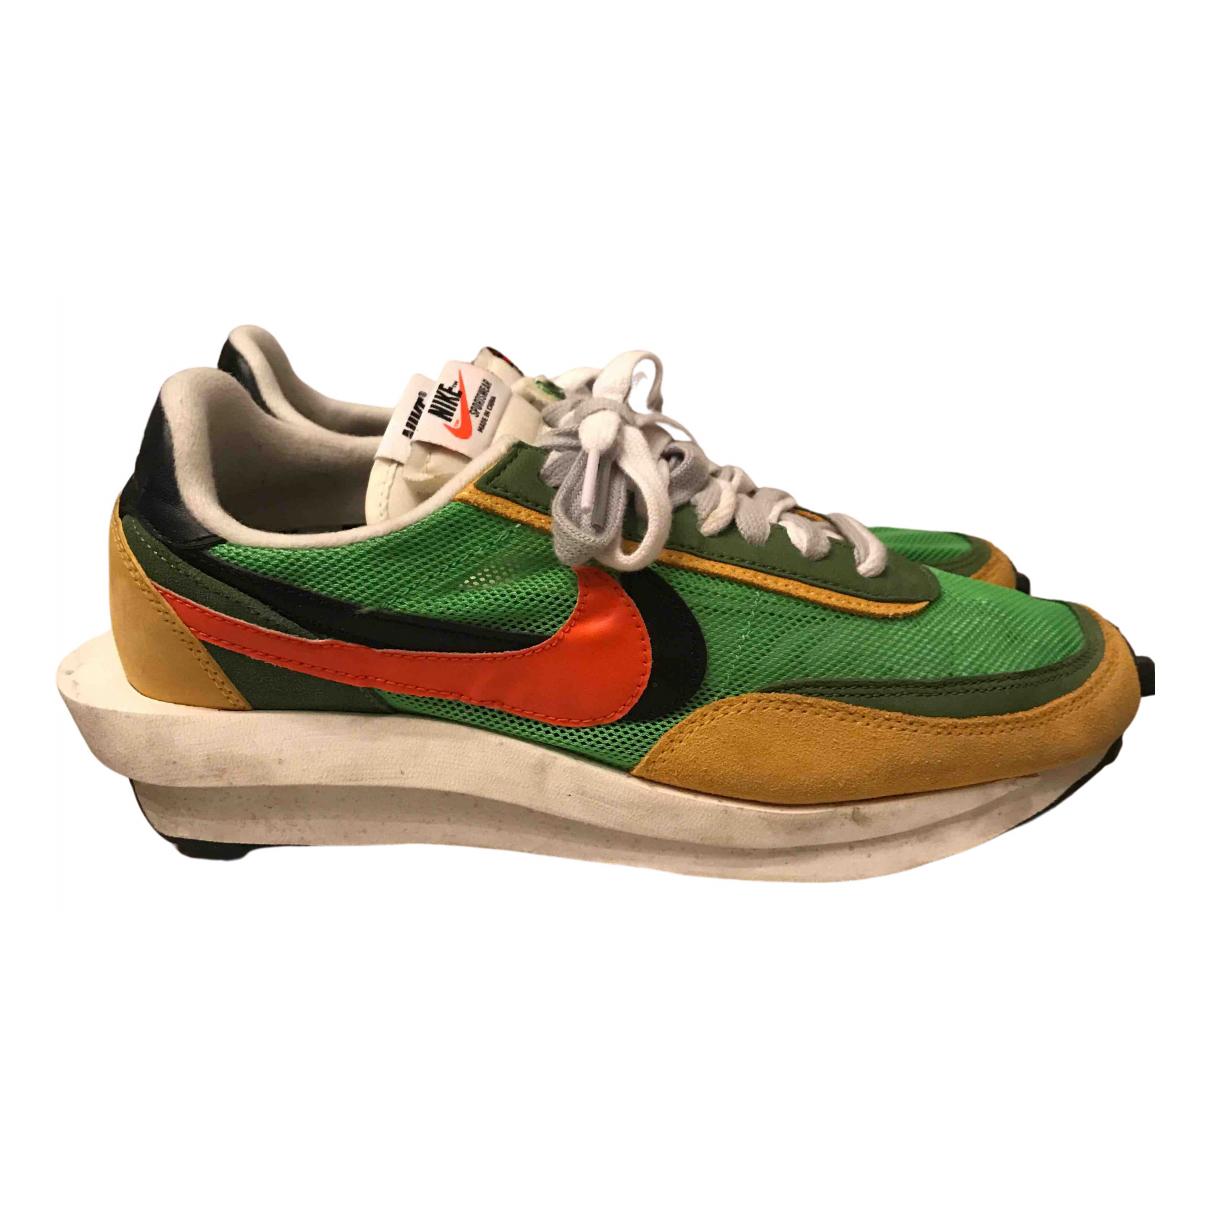 Nike - Baskets   pour homme en toile - vert